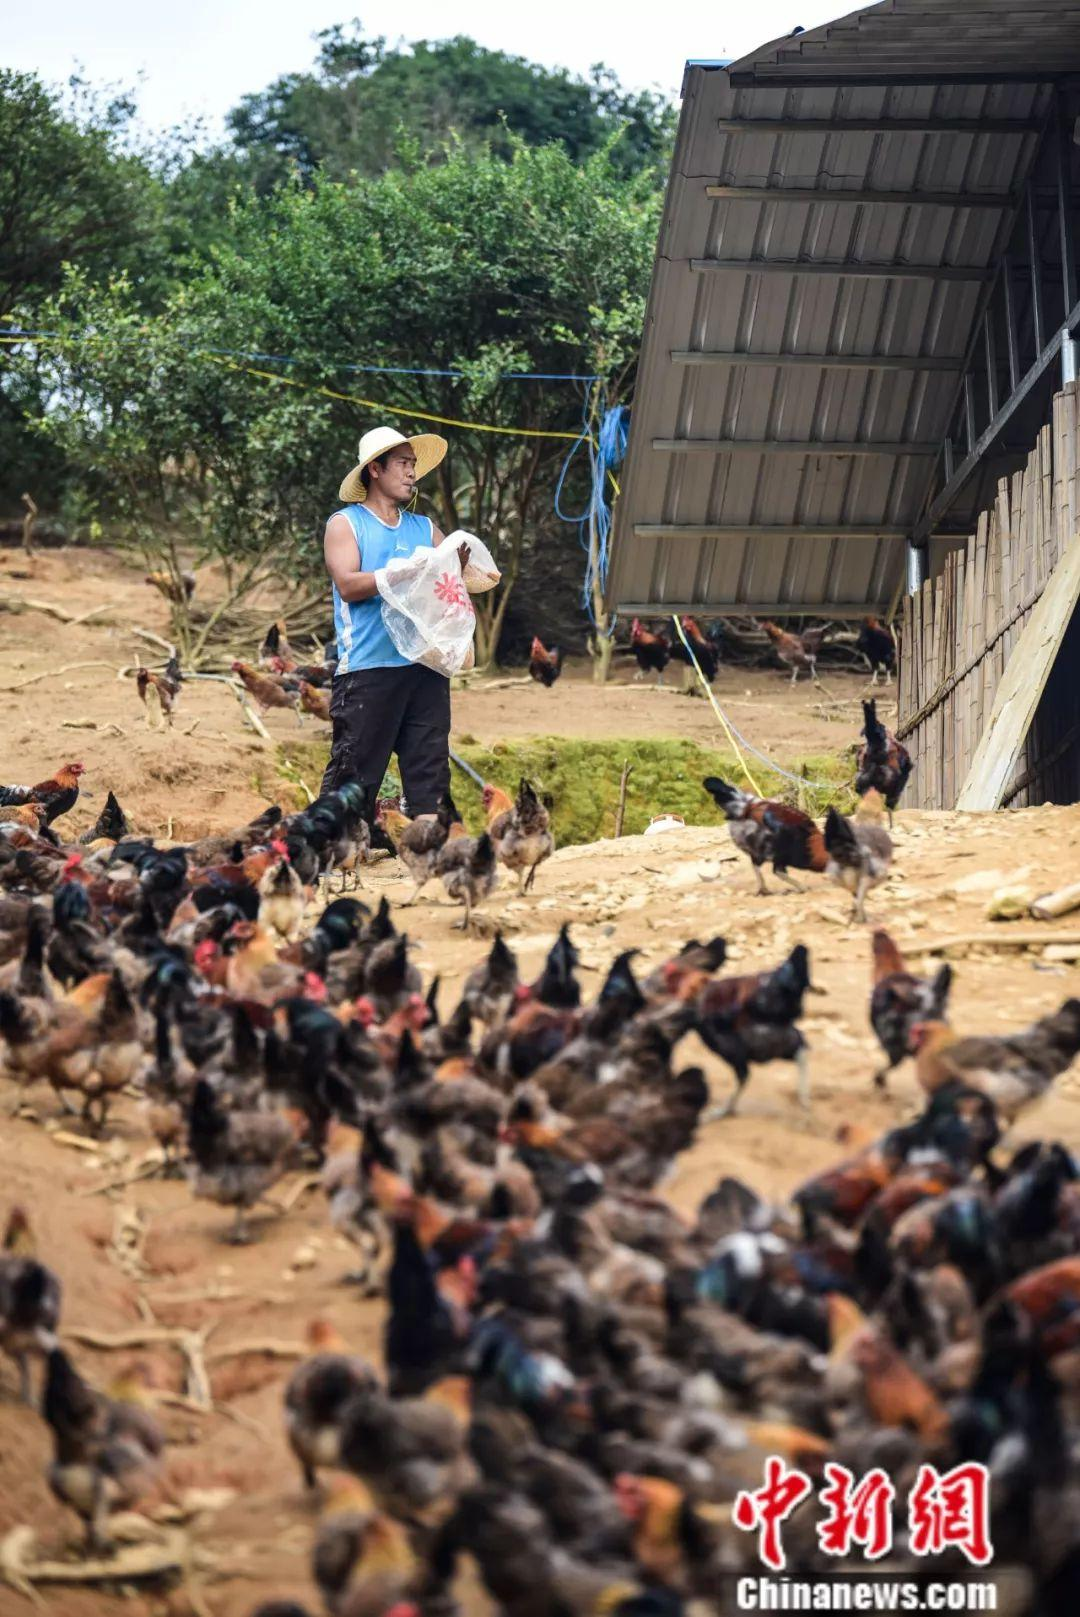 80后回乡创业当鸡司令 只因外面的鸡吃起来没乡愁